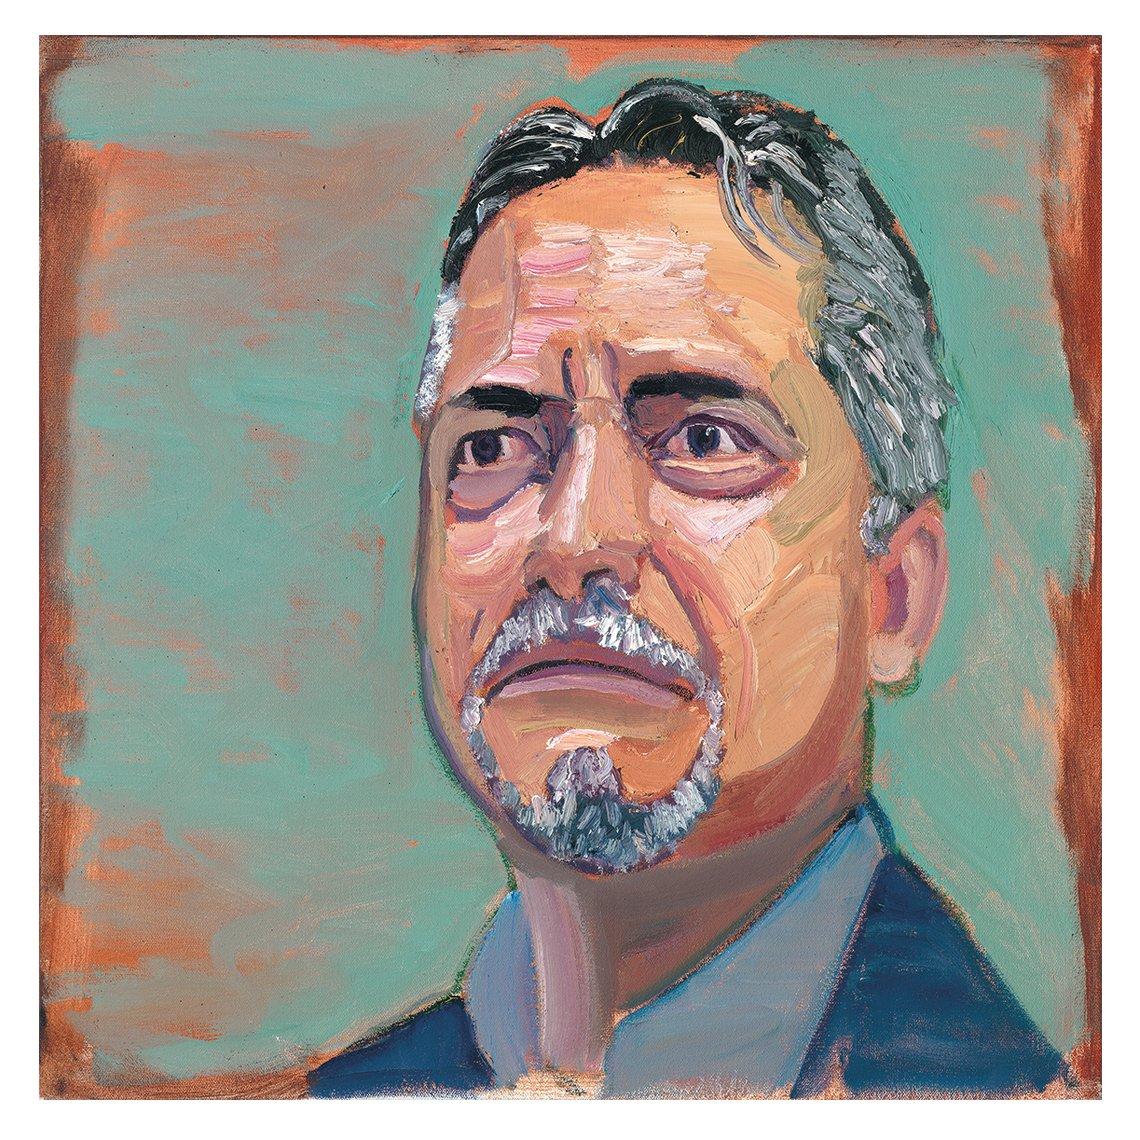 carlos rovelo portrait by former president george w bush